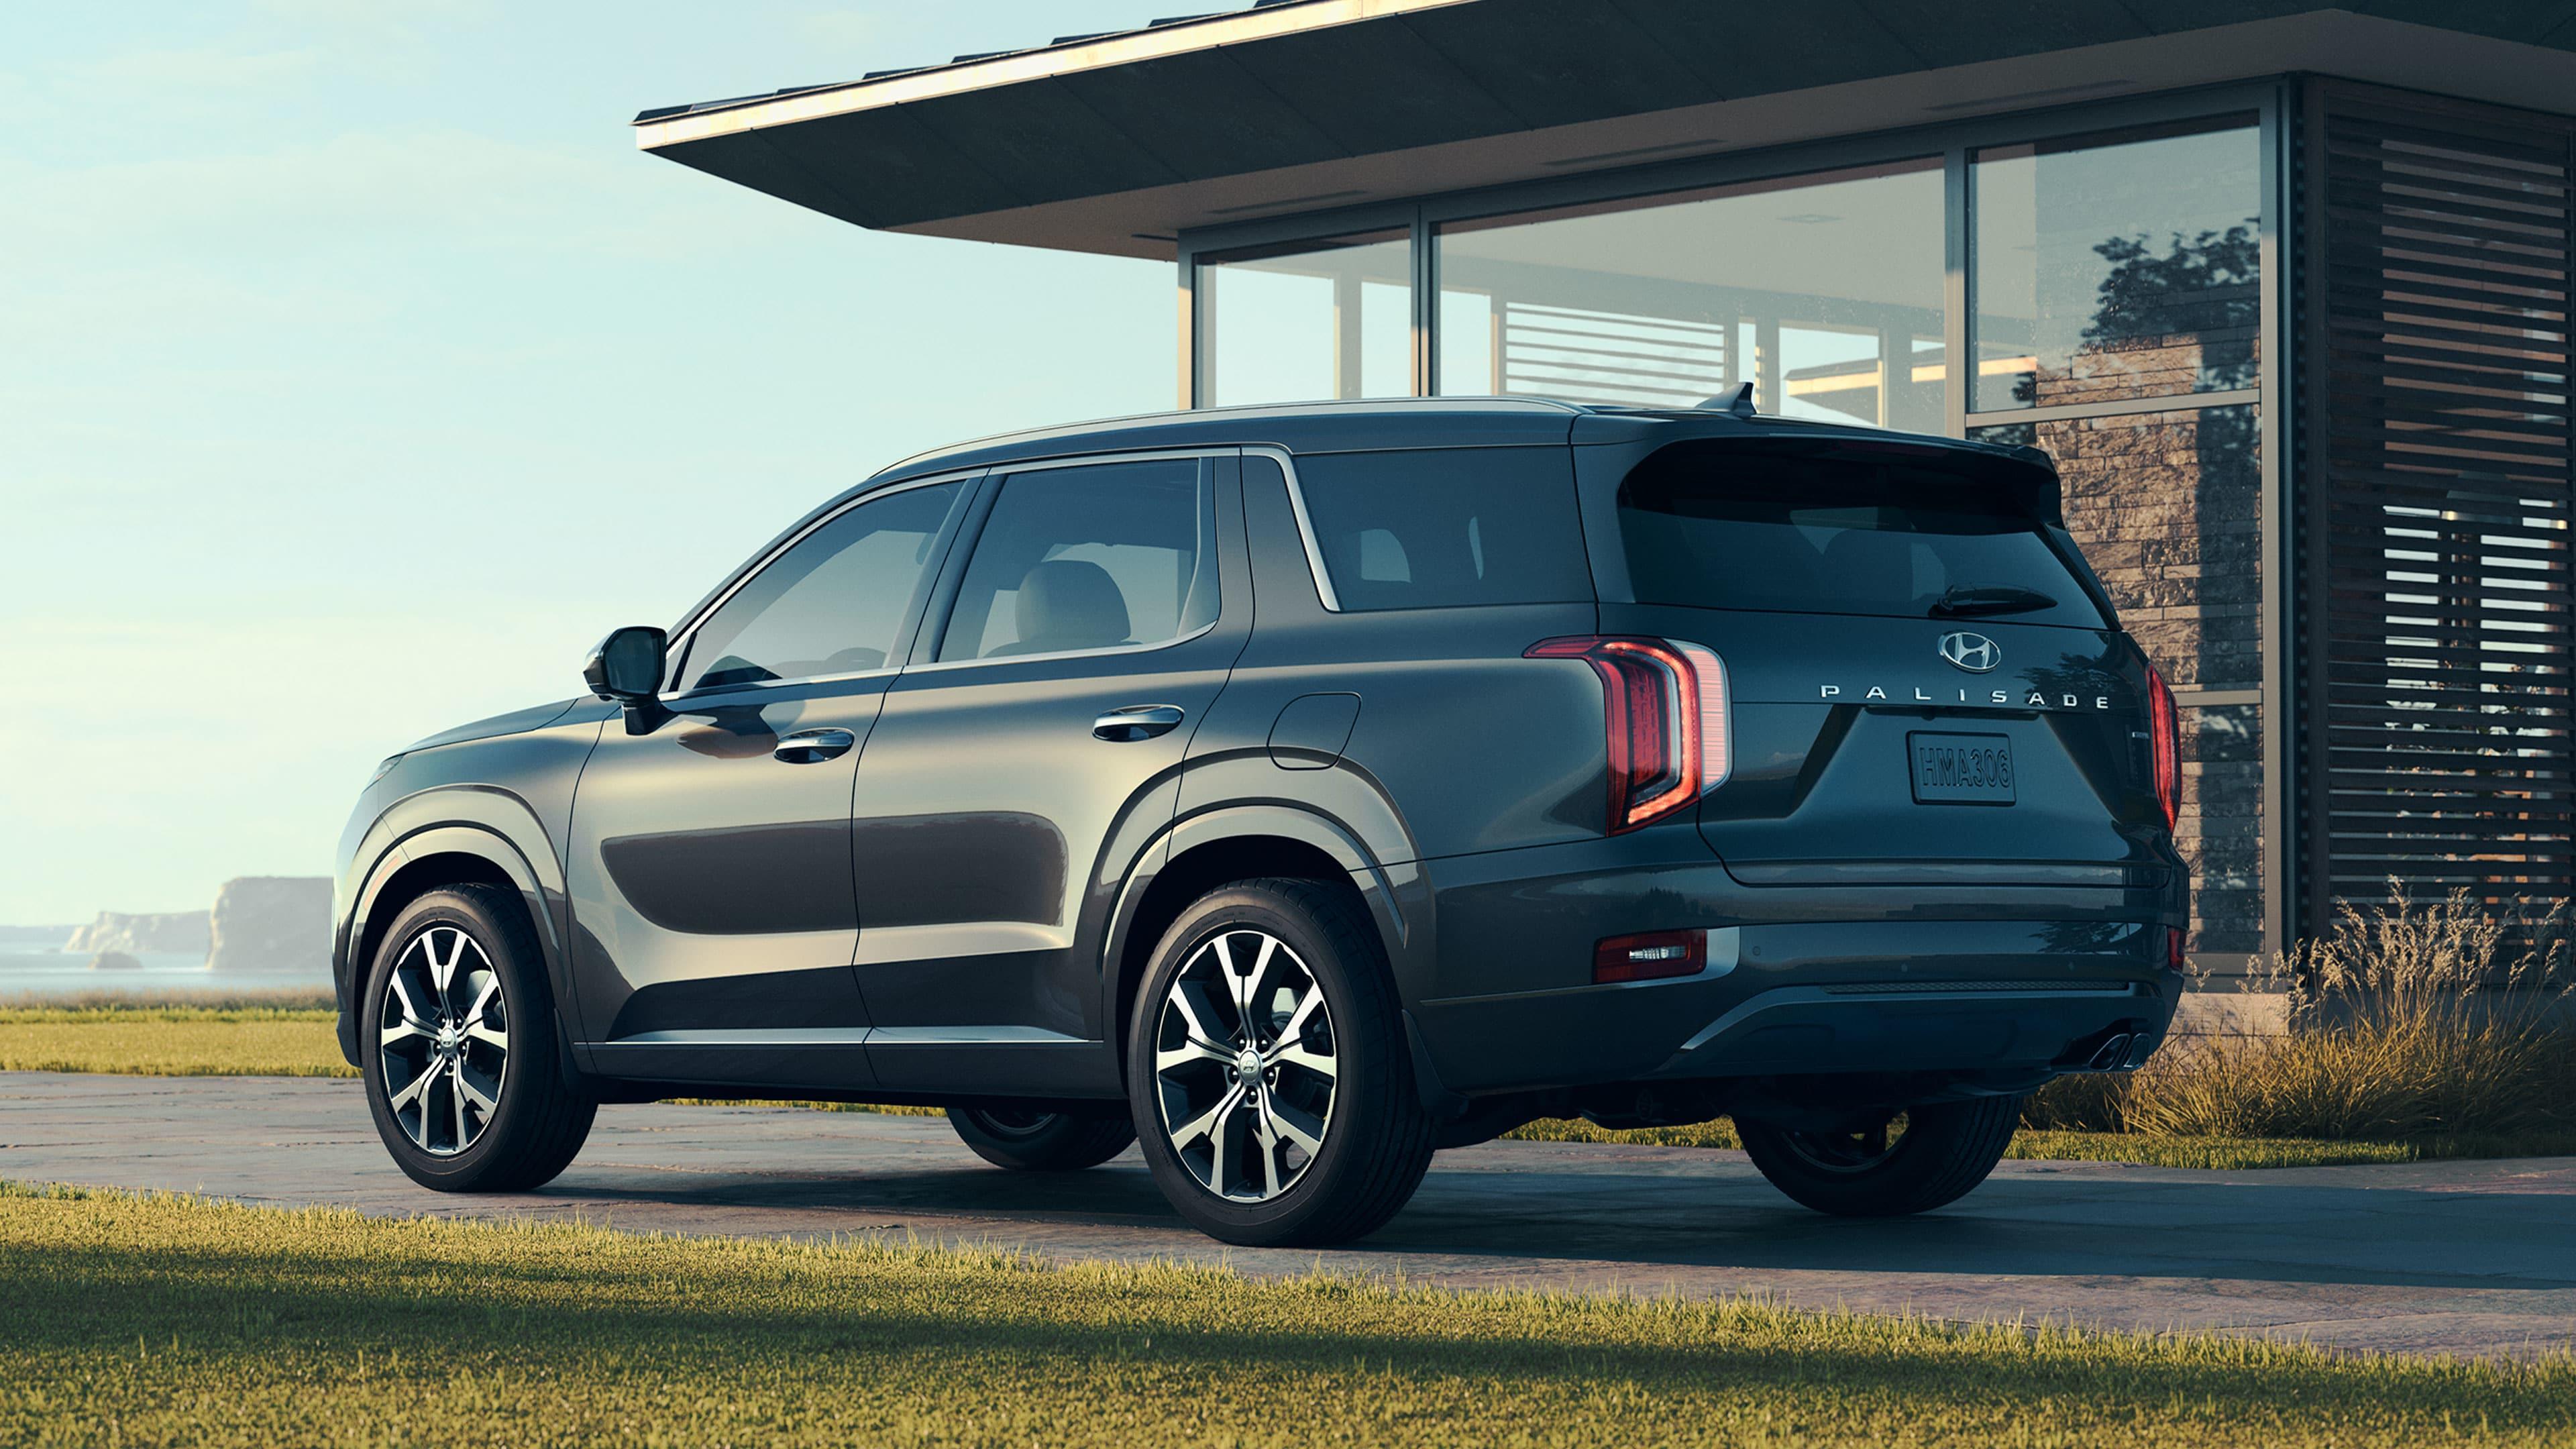 El Hyundai Palisade 2020 Es La Nueva Suv Familiar Capaz De Transportar Hasta 8 Pasajeros La Opinion